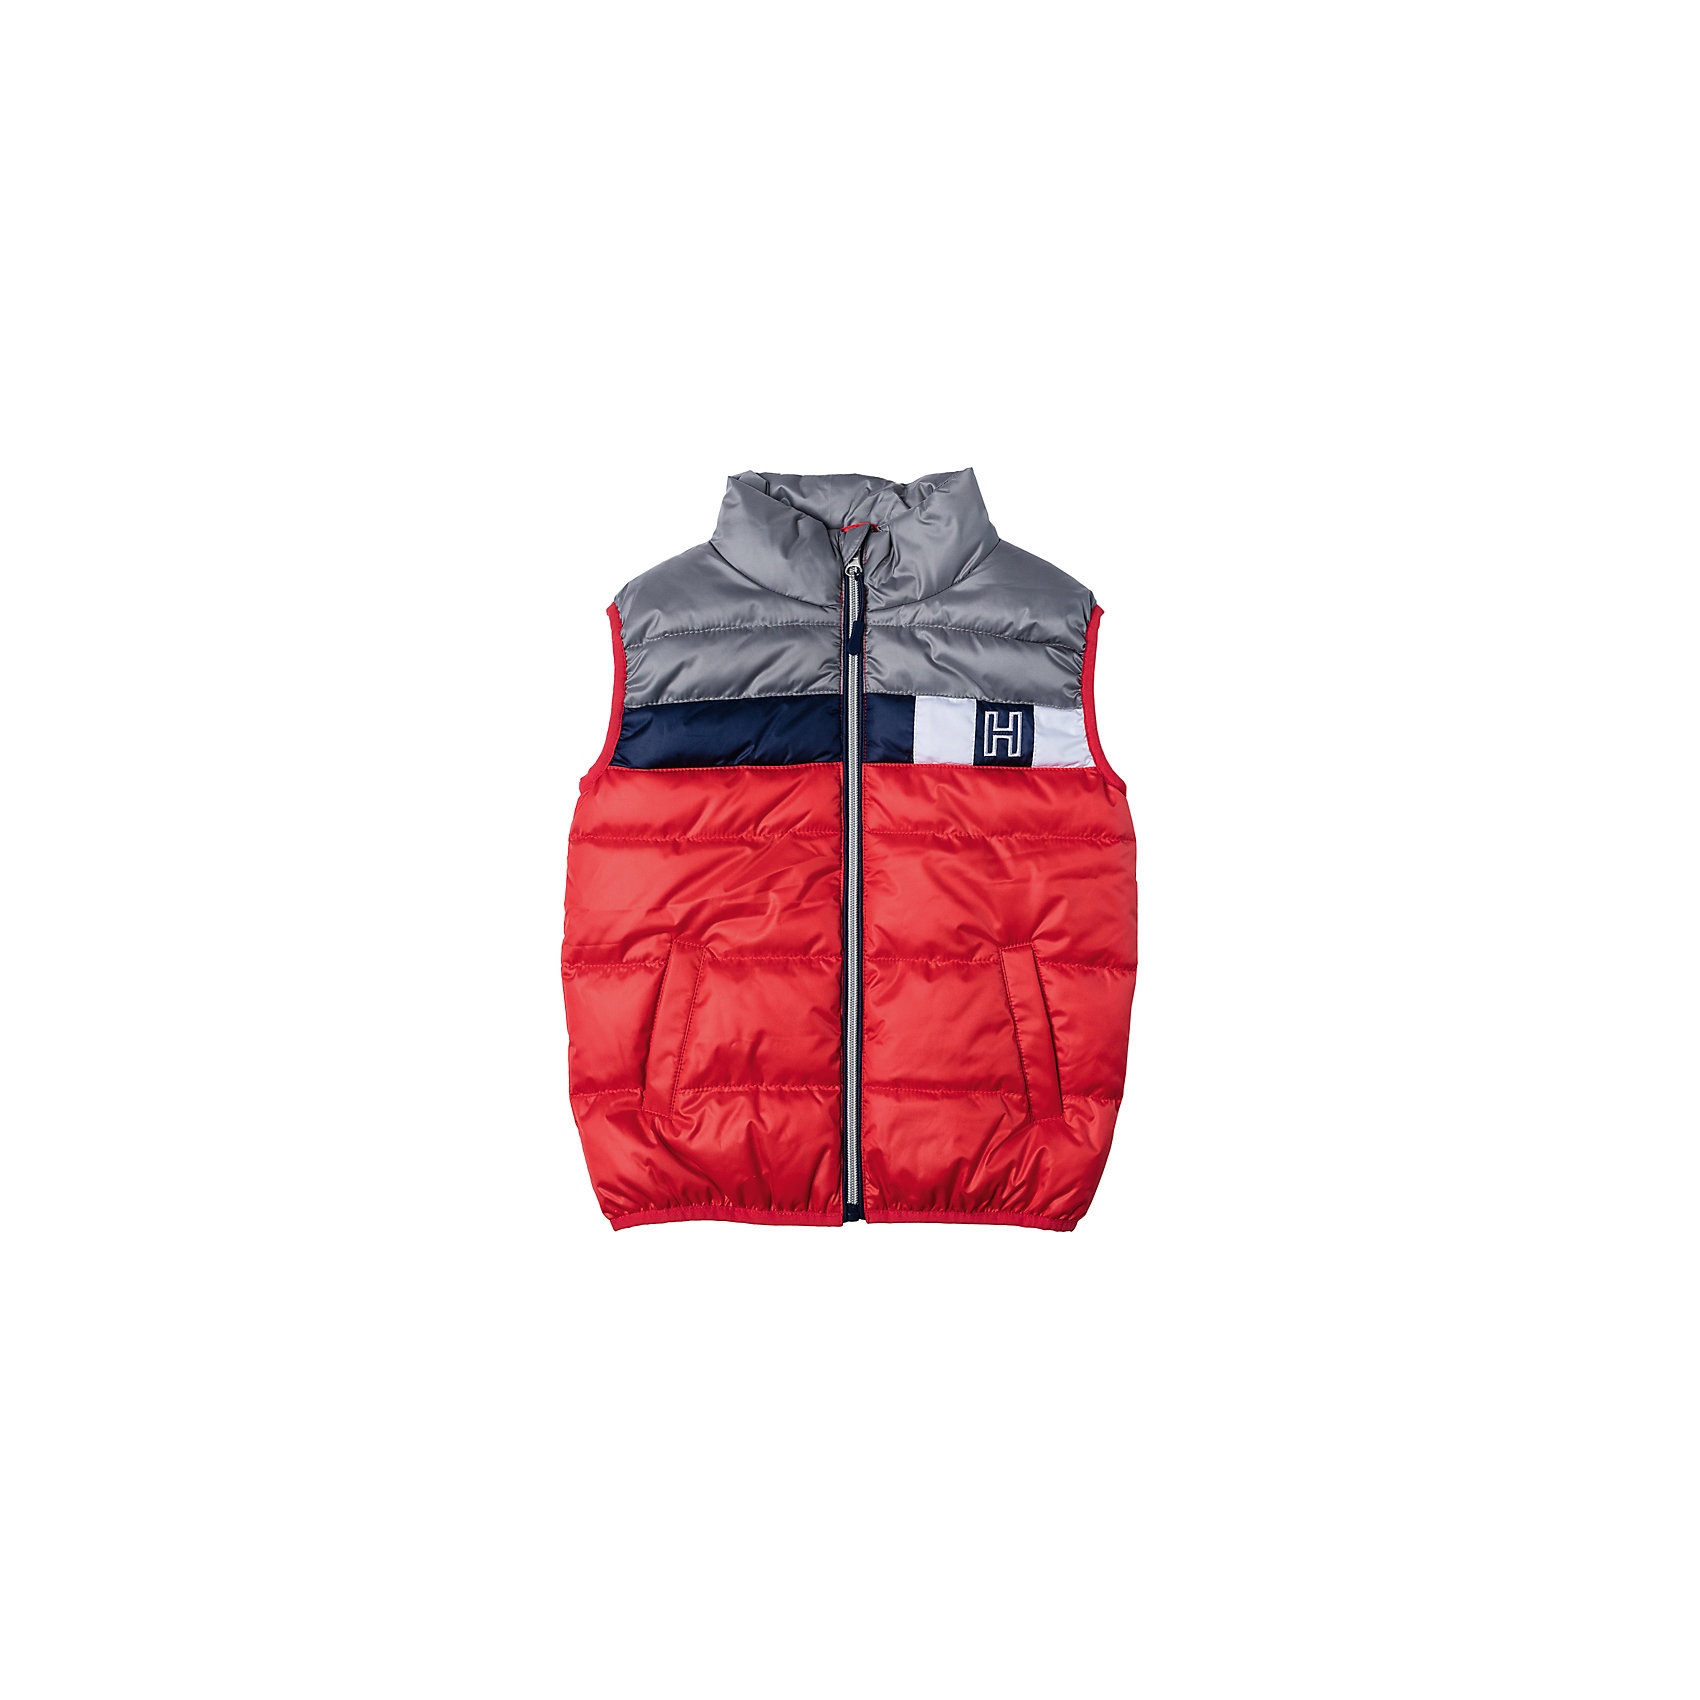 Жилет для мальчика PlayTodayВерхняя одежда<br>Характеристики товара:<br><br>• цвет: разноцветный<br>• состав: 100% полиэстер, подкладка: 100% полиэстер<br>• утеплитель: 100% полиэстер, 150 г/м2<br>• карманы<br>• защита подбородка<br>• молния<br>• эластичные проймы для рук<br>• светоотражающие элементы<br>• капюшон<br>• коллекция: весна-лето 2017<br>• страна бренда: Германия<br>• страна производства: Китай<br><br>Популярный бренд PlayToday выпустил новую коллекцию! Вещи из неё продолжают радовать покупателей удобством, стильным дизайном и продуманным кроем. Дети носят их с удовольствием. PlayToday - это линейка товаров, созданная специально для детей. Дизайнеры учитывают новые веяния моды и потребности детей. Порадуйте ребенка обновкой от проверенного производителя!<br>Такая демисезонная модель обеспечит ребенку комфорт благодаря качественному материалу и продуманному крою. С помощью неё можно удобно одеться по погоде. Очень модная вещь! Отлично подходит для переменной погоды межсезонья.<br><br>Жилет для мальчика от известного бренда PlayToday можно купить в нашем интернет-магазине.<br><br>Ширина мм: 356<br>Глубина мм: 10<br>Высота мм: 245<br>Вес г: 519<br>Цвет: белый<br>Возраст от месяцев: 36<br>Возраст до месяцев: 48<br>Пол: Мужской<br>Возраст: Детский<br>Размер: 104,116,122,128,98,110<br>SKU: 5402077